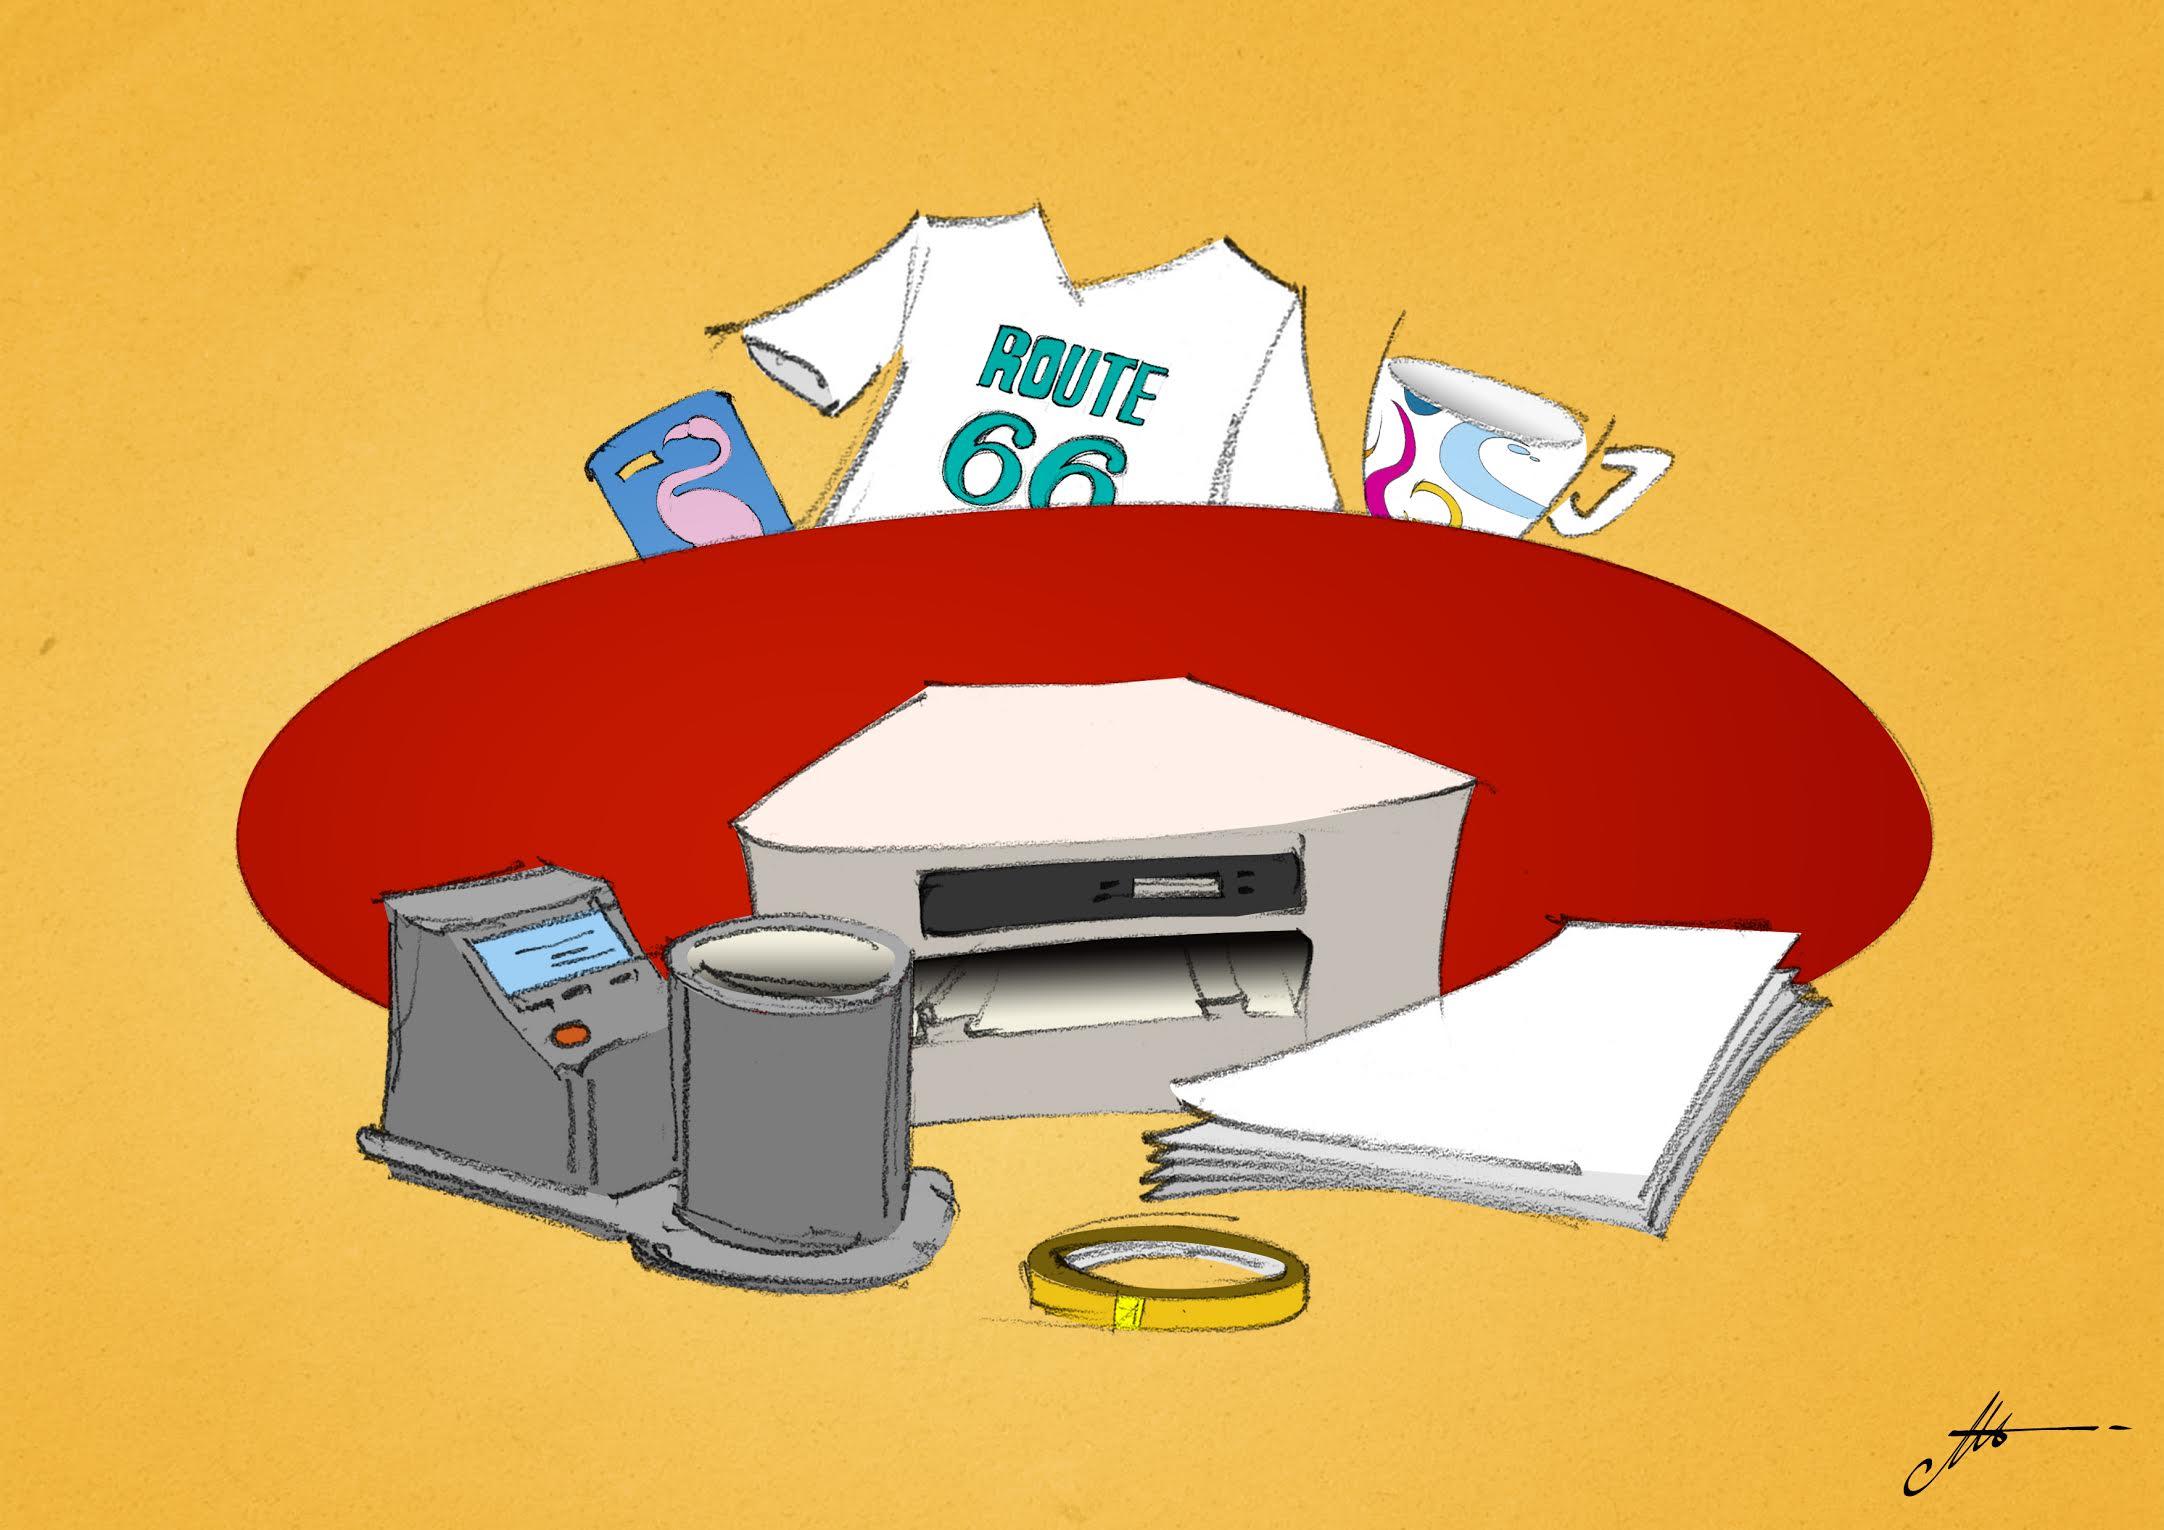 problèmes avec les imprimantes à sublimation